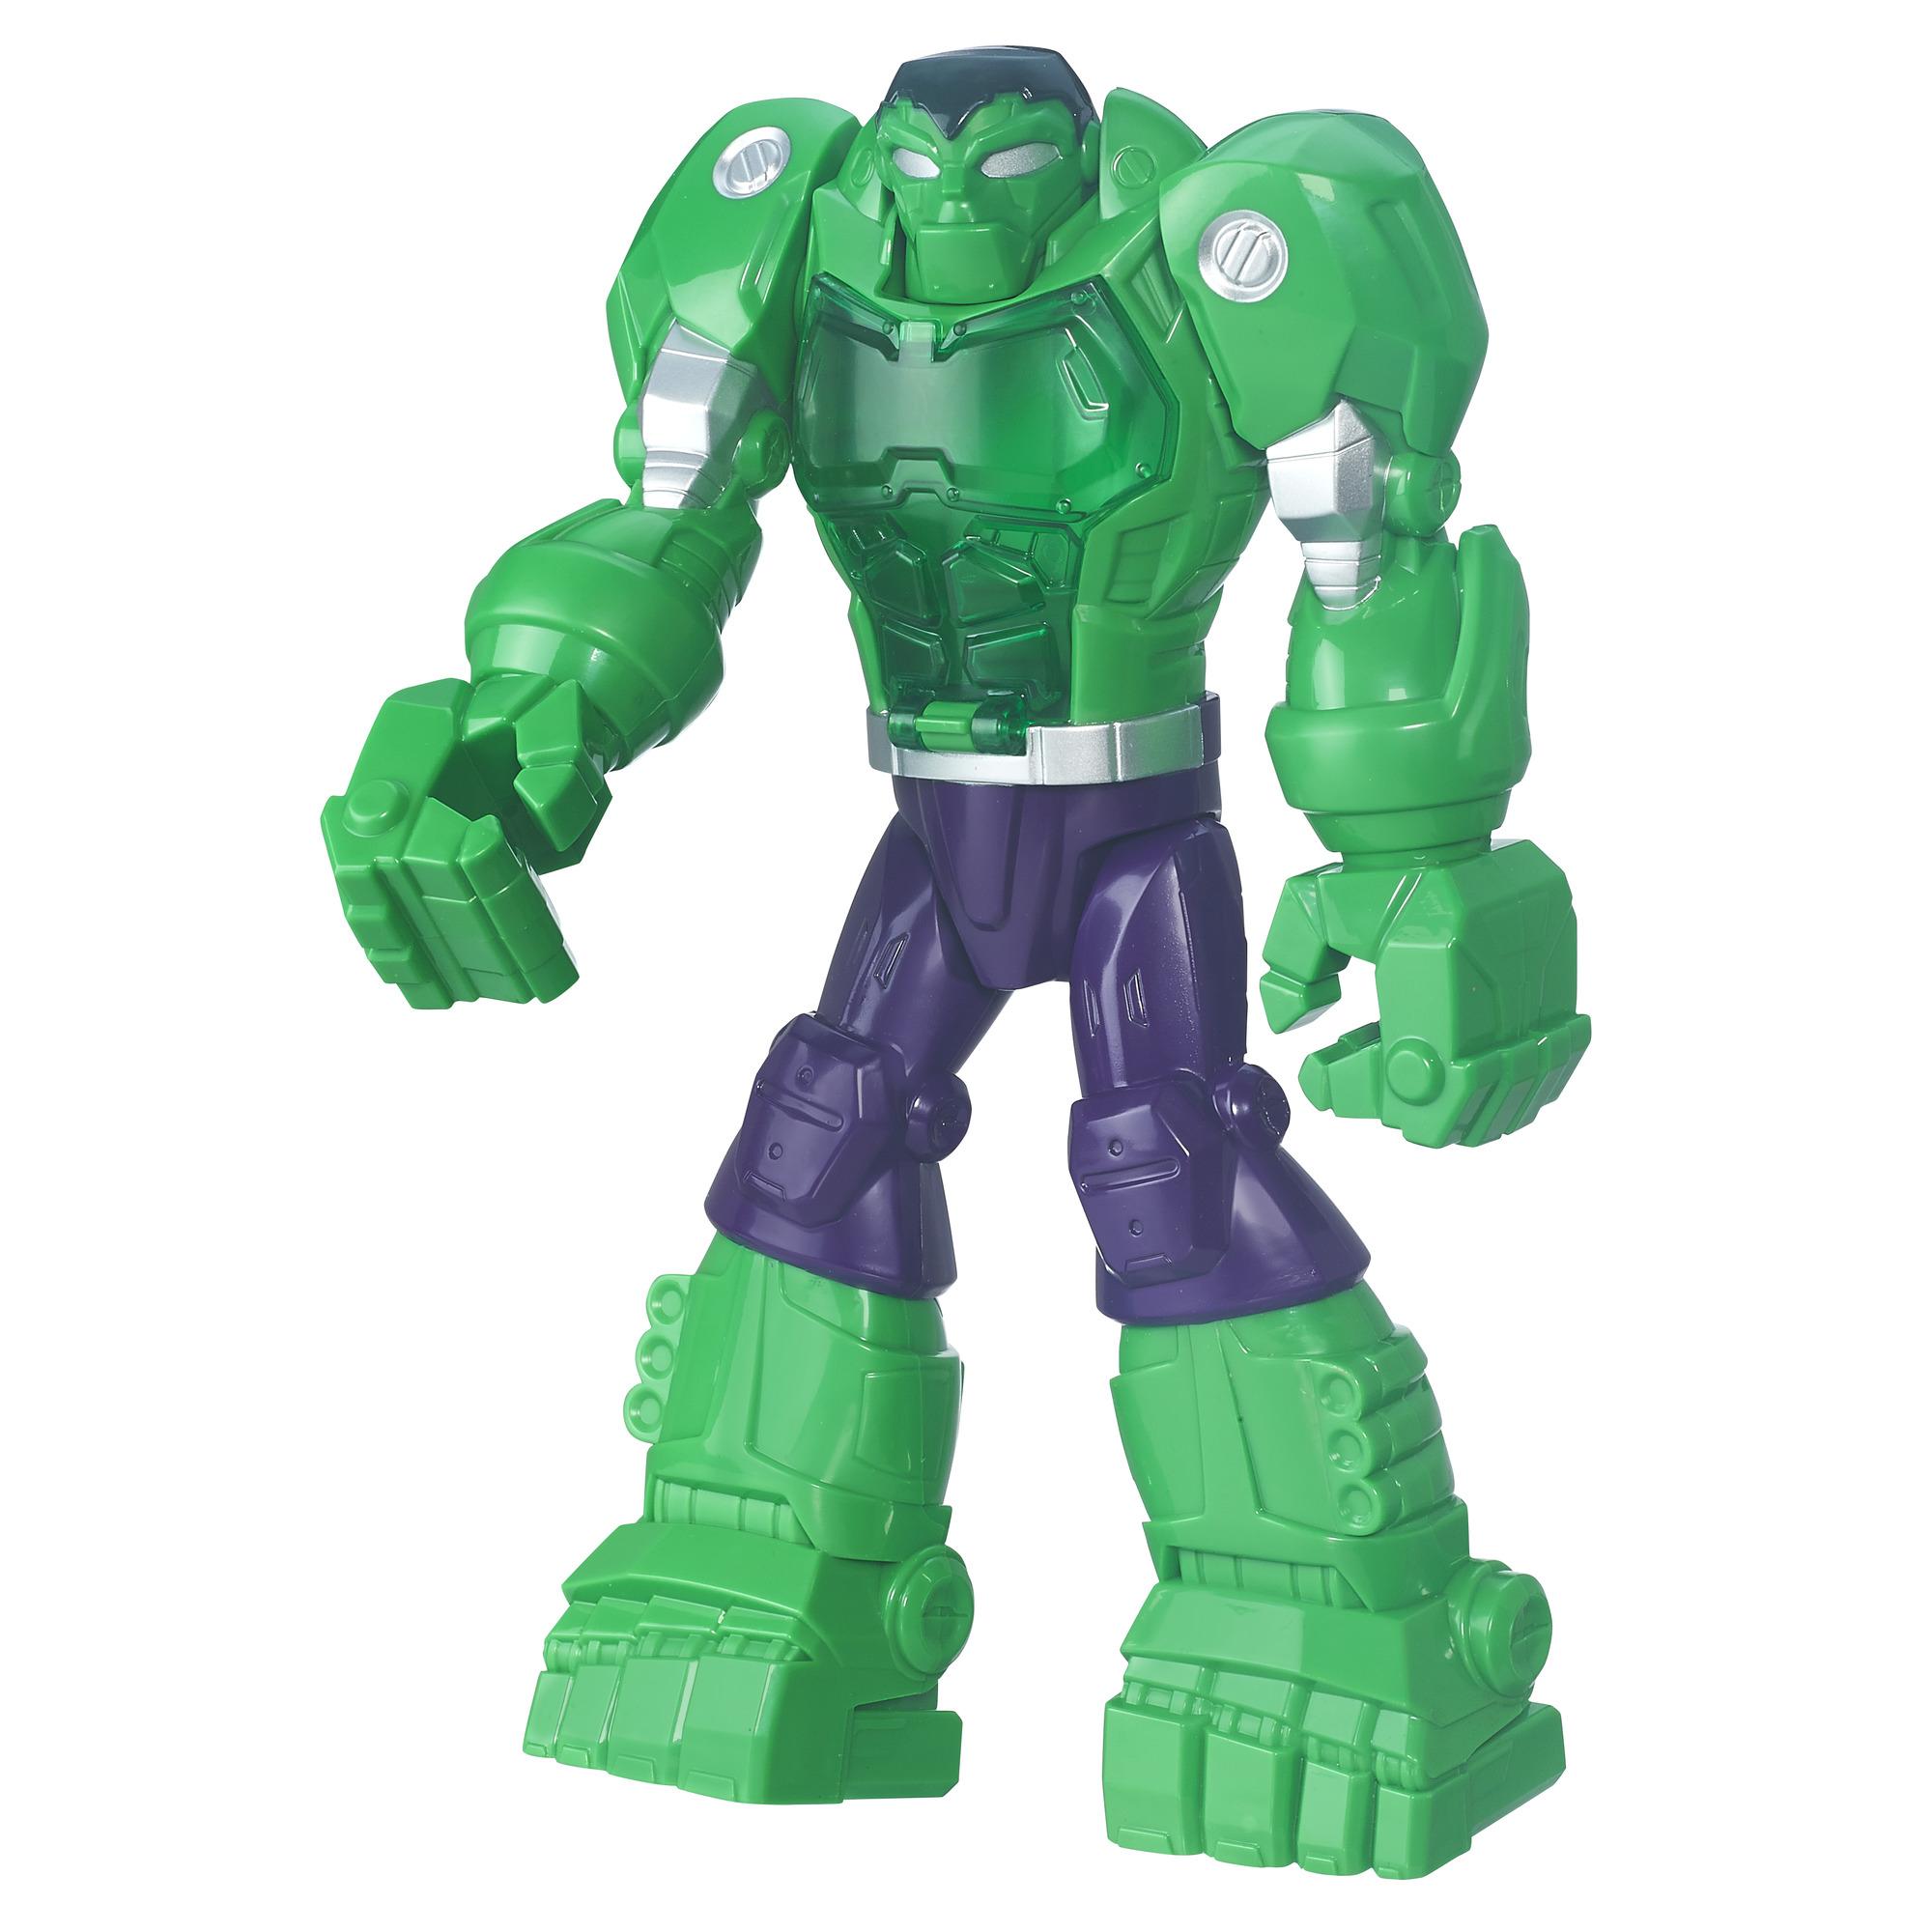 Playskool Heroes Marvel Super Hero Adventures Mech Armor Hulk PartNumber: 004W009003501003P